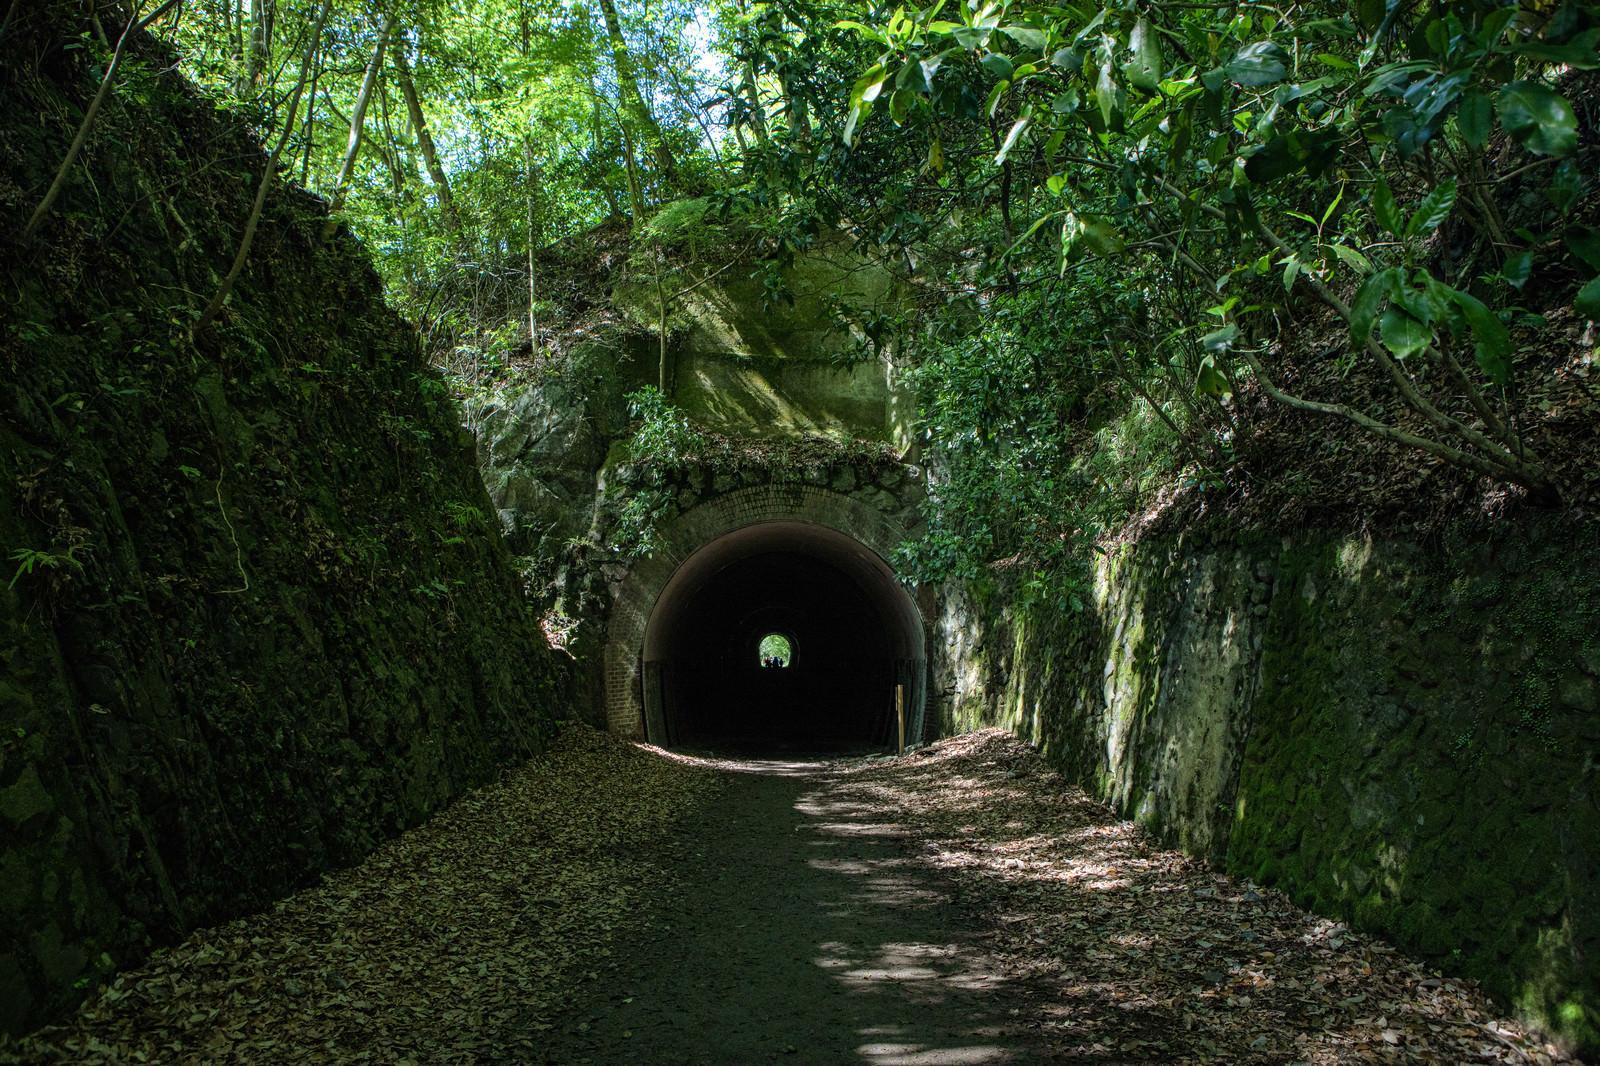 「ハイキングコースから見たトンネル(JR福知山線廃線敷)」の写真